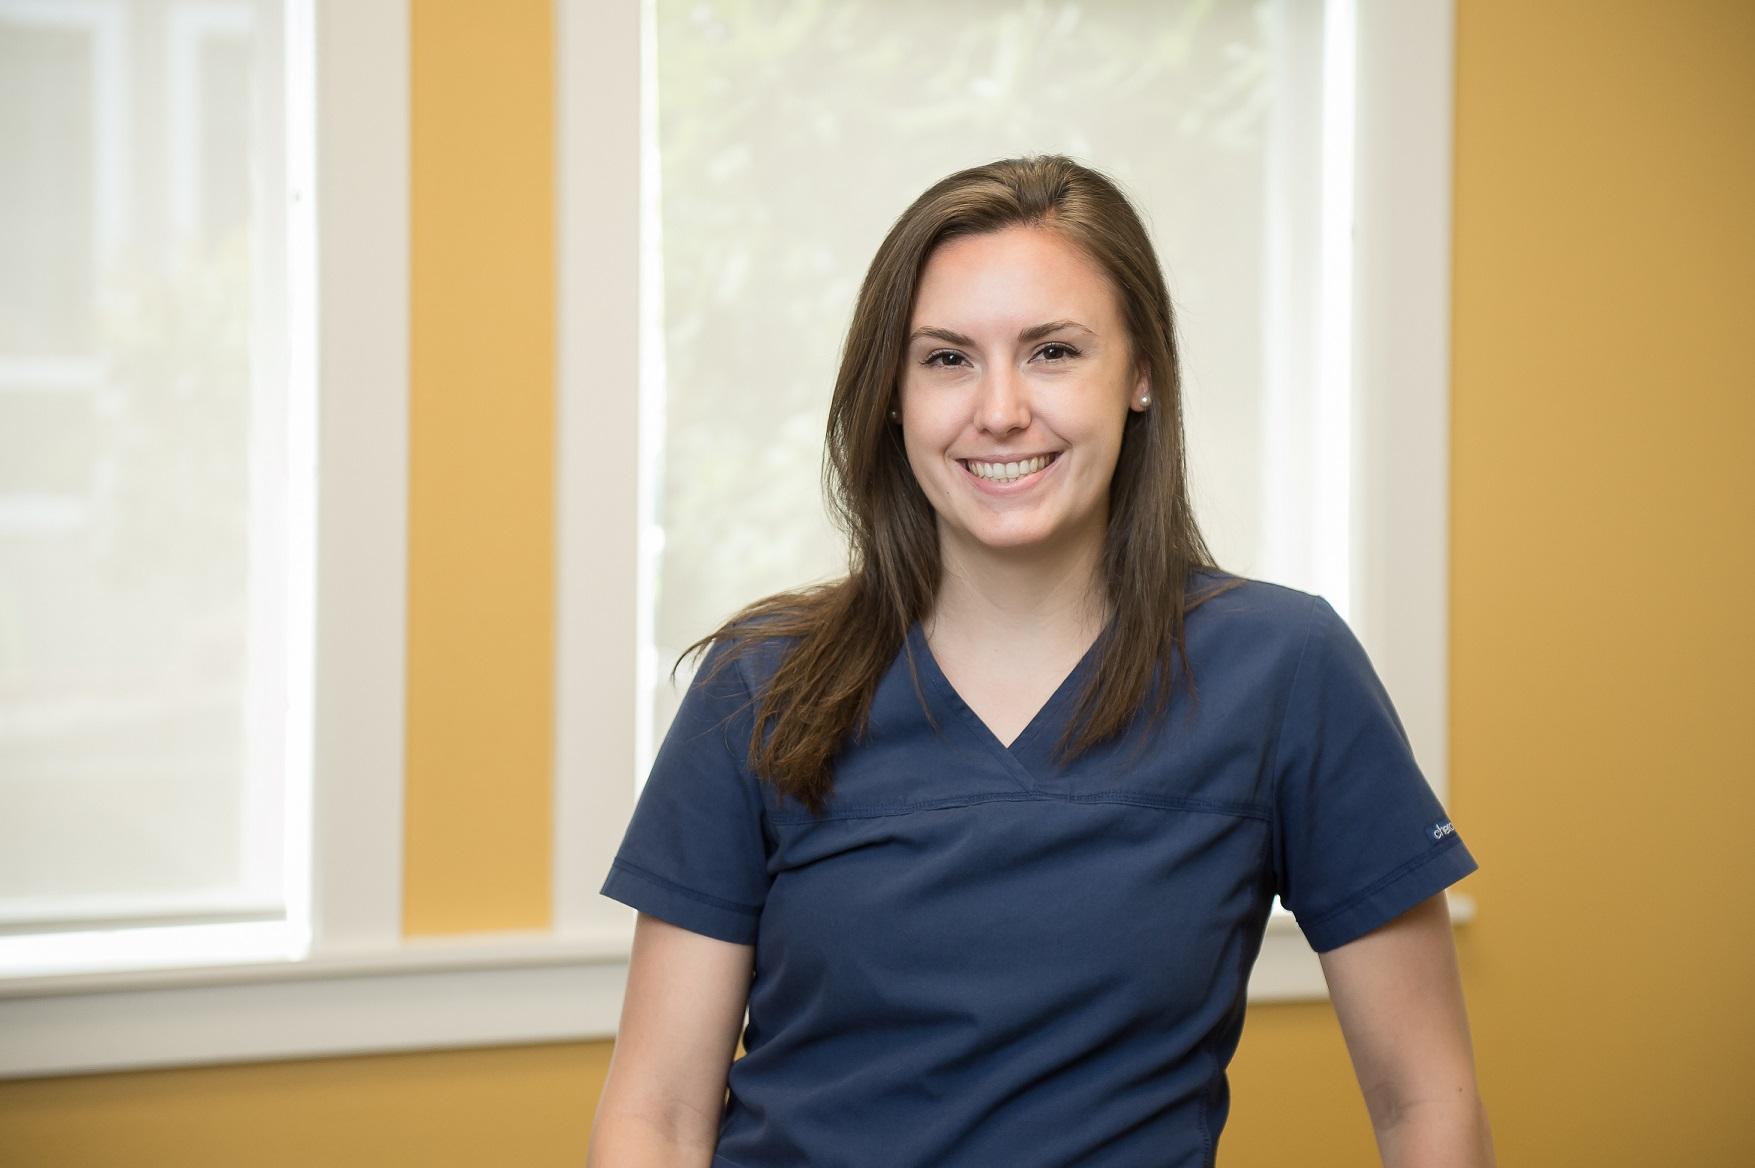 Sarah Viera, MS, ACSM, EP-C